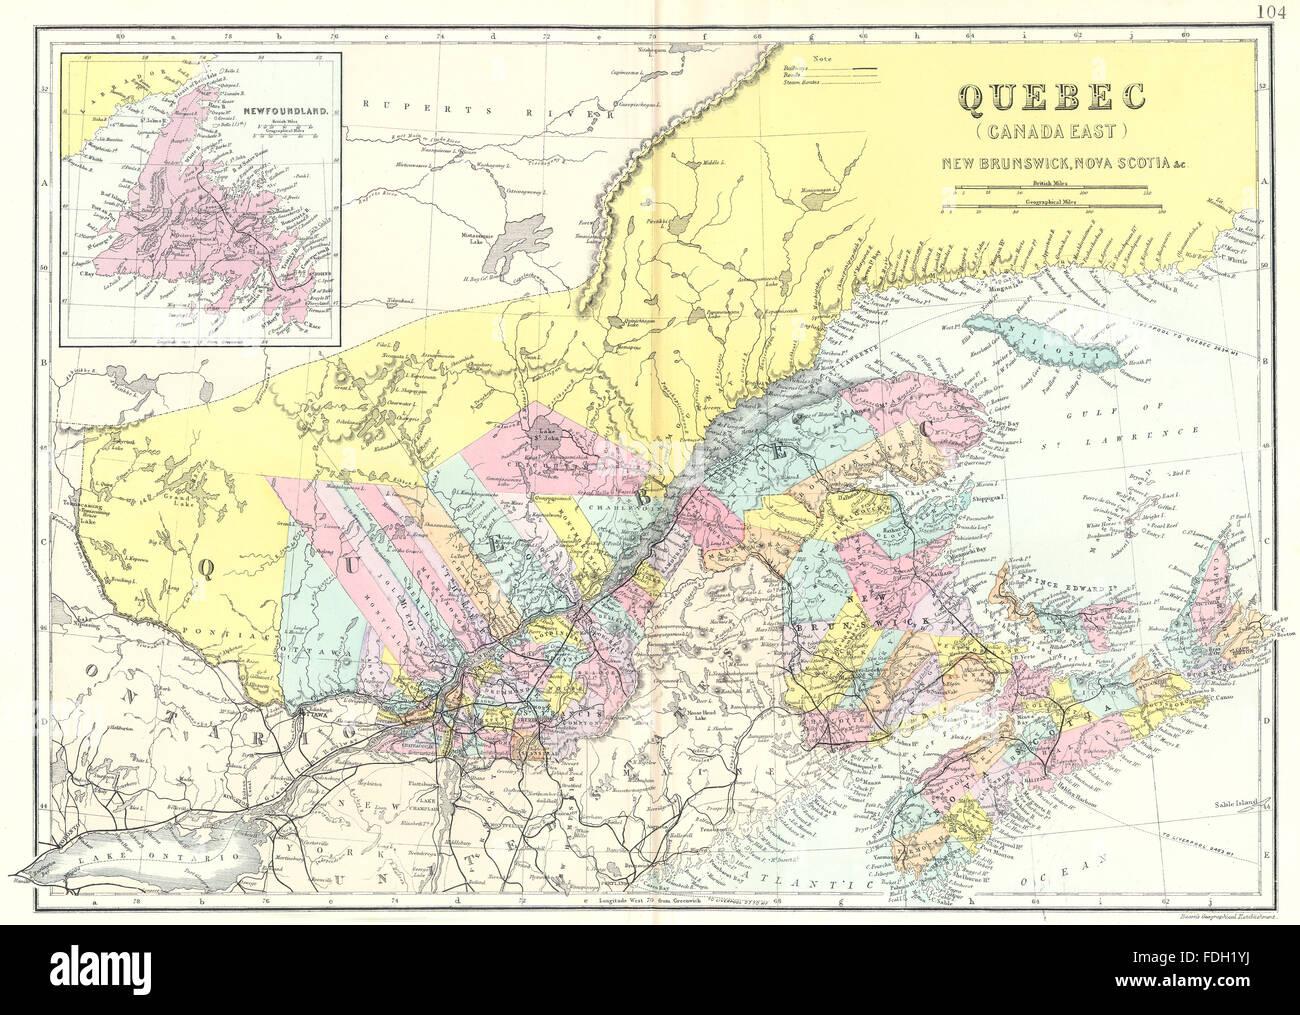 Map Of Canada East.Canada East Quebec New Brunswick Nova Scotia Newfoundland Bacon